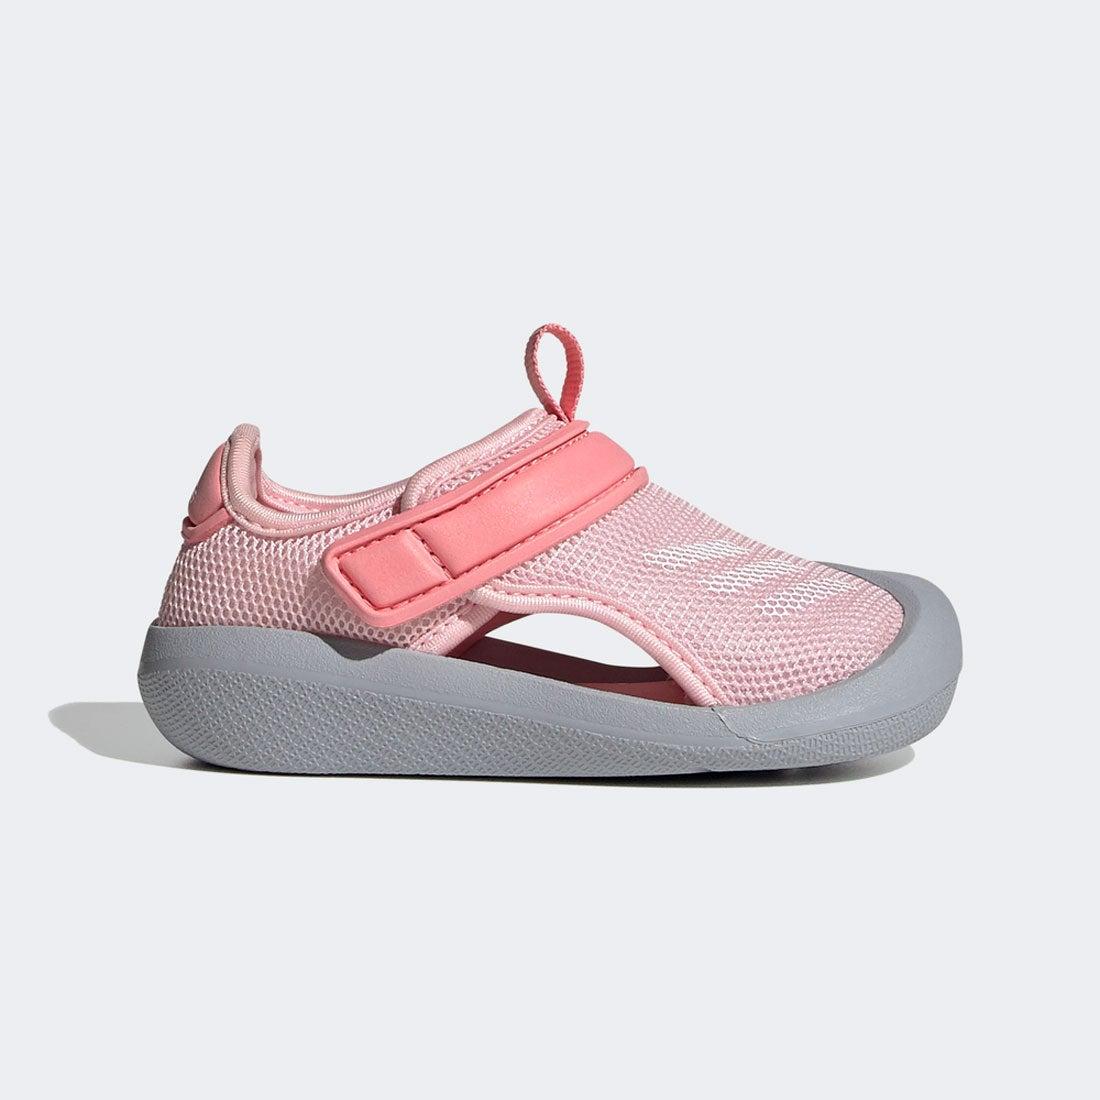 アディダス adidas アルタベンチャー サンダル / Altaventure Sandals (ピンク)